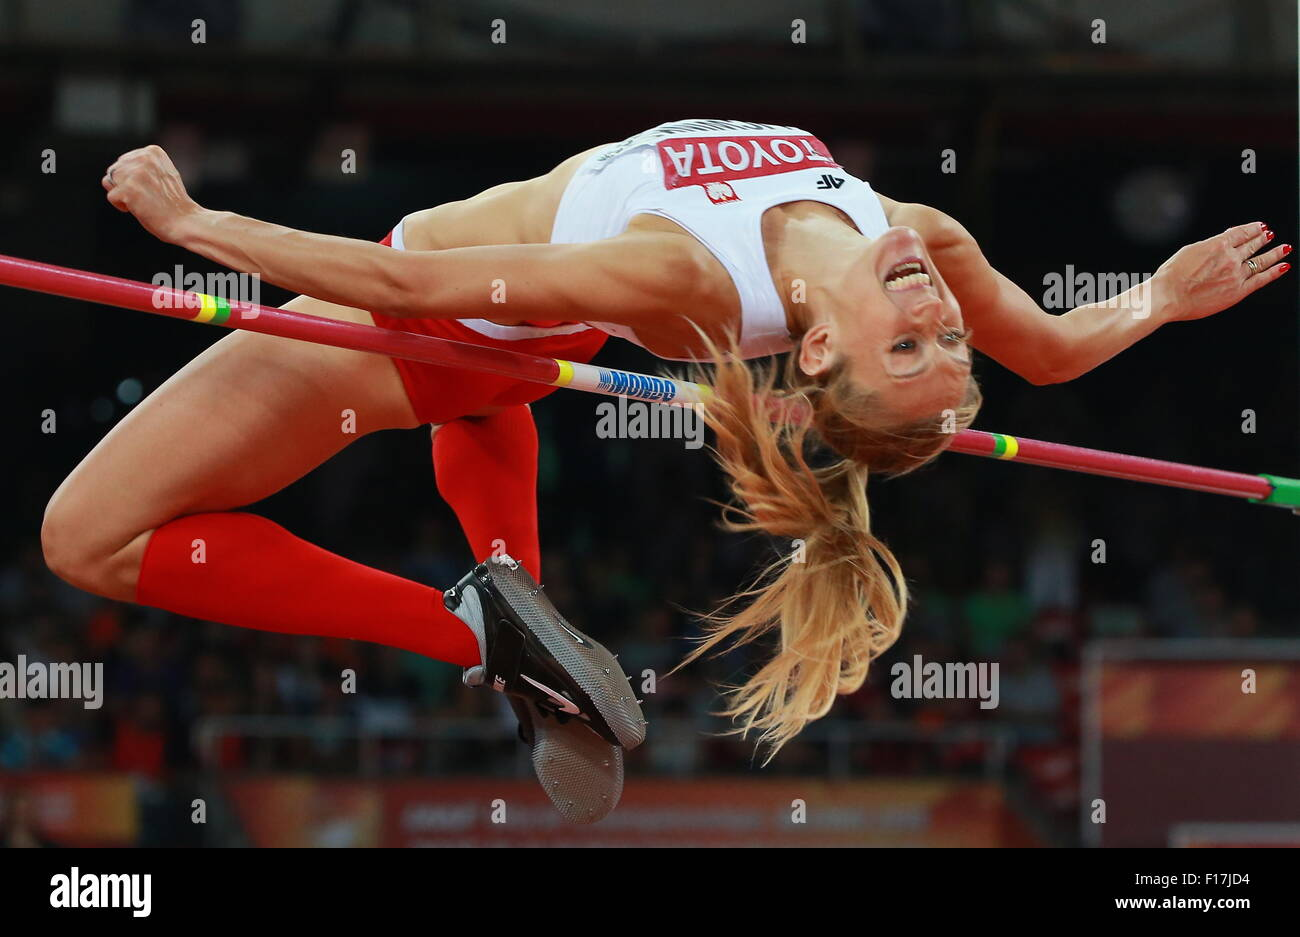 Beijing, Chine. Août 29, 2015. Licwinko la Pologne Kamila est en concurrence pour la finale du saut en hauteur Photo Stock